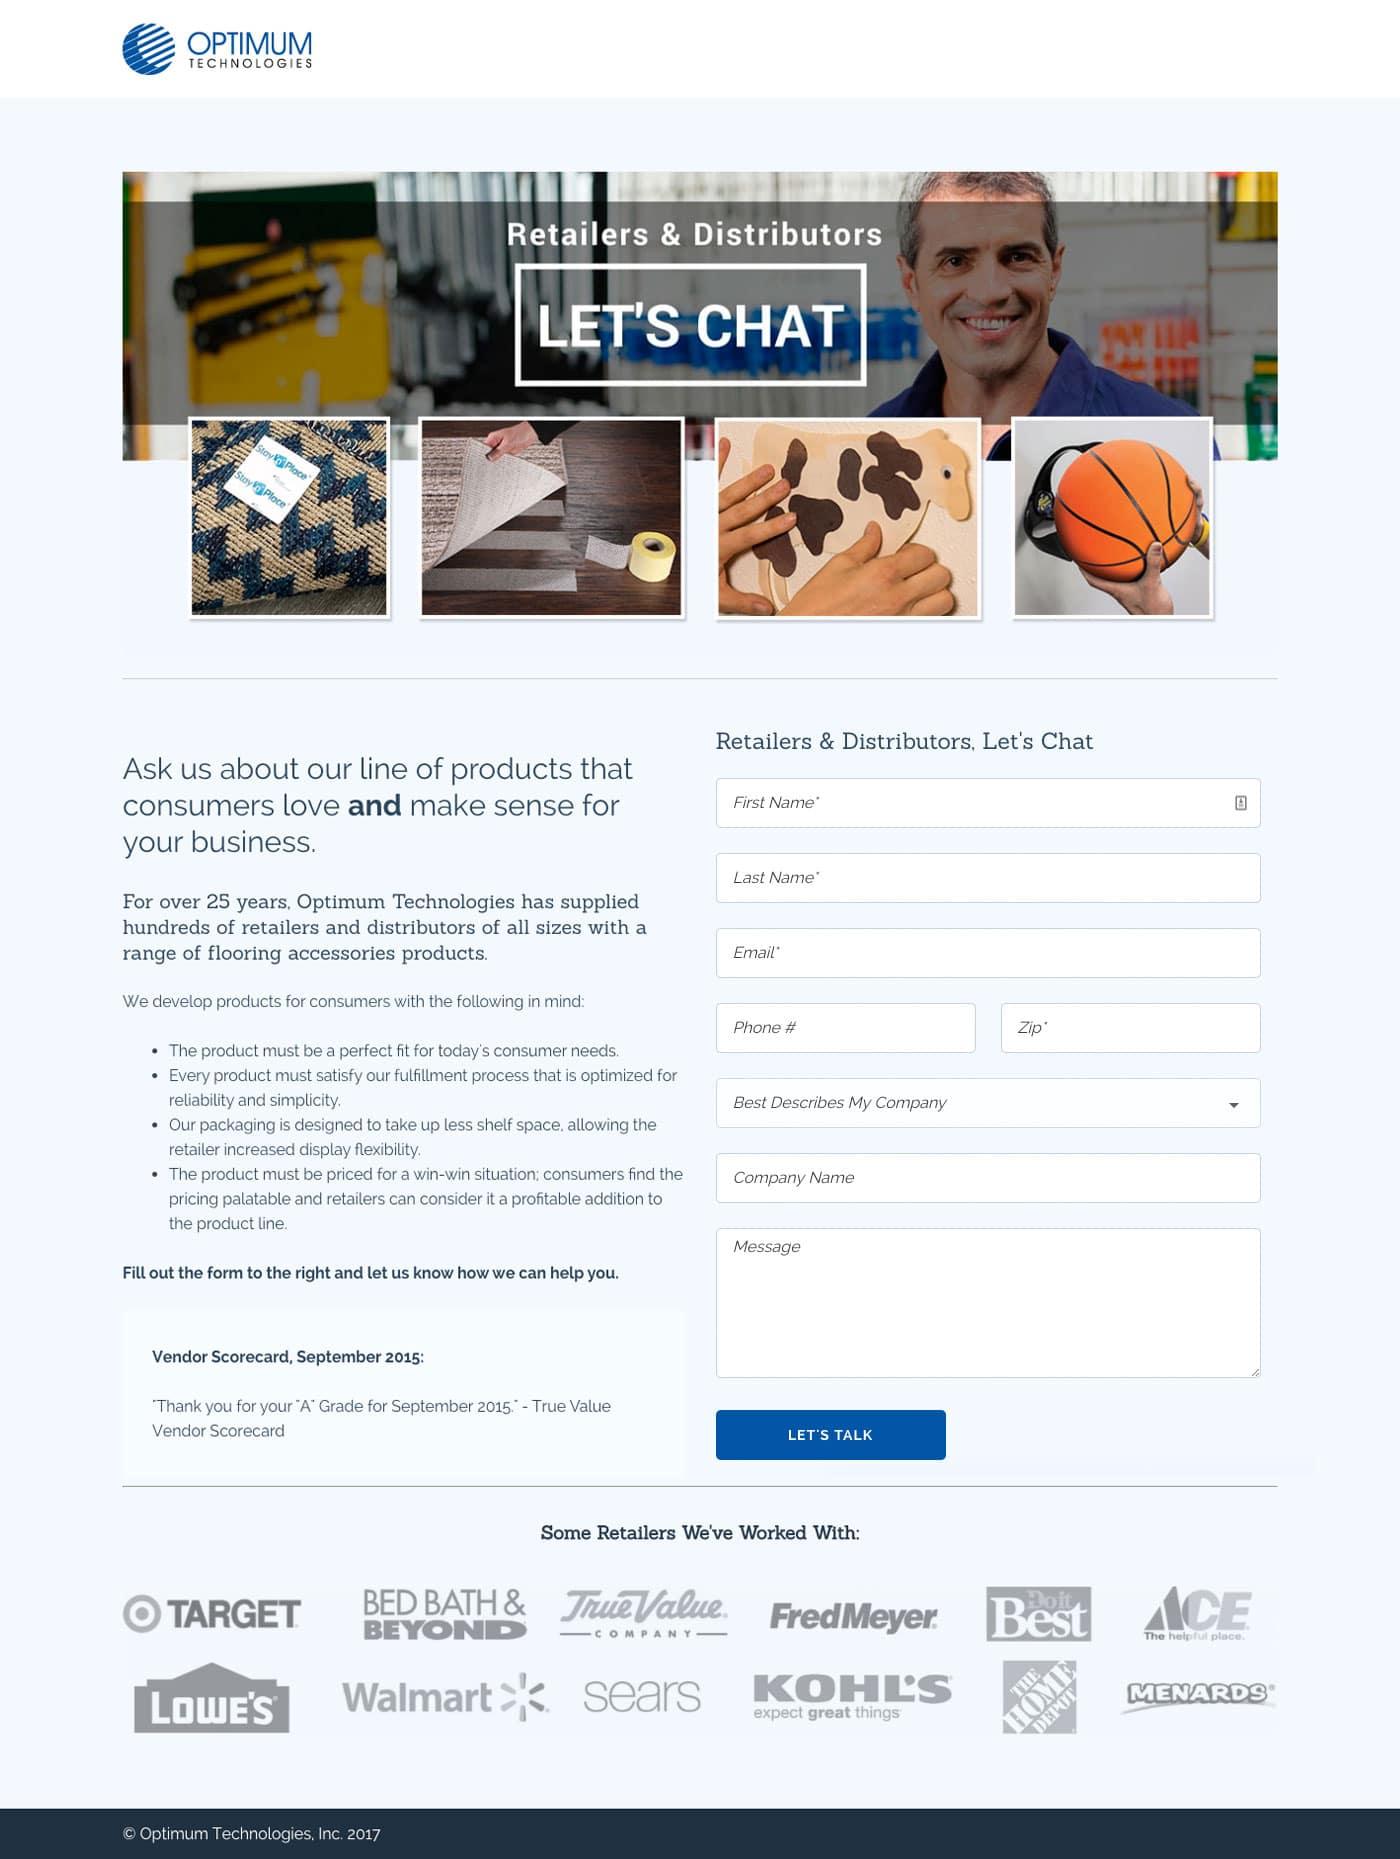 manufacturing-web design landing page design